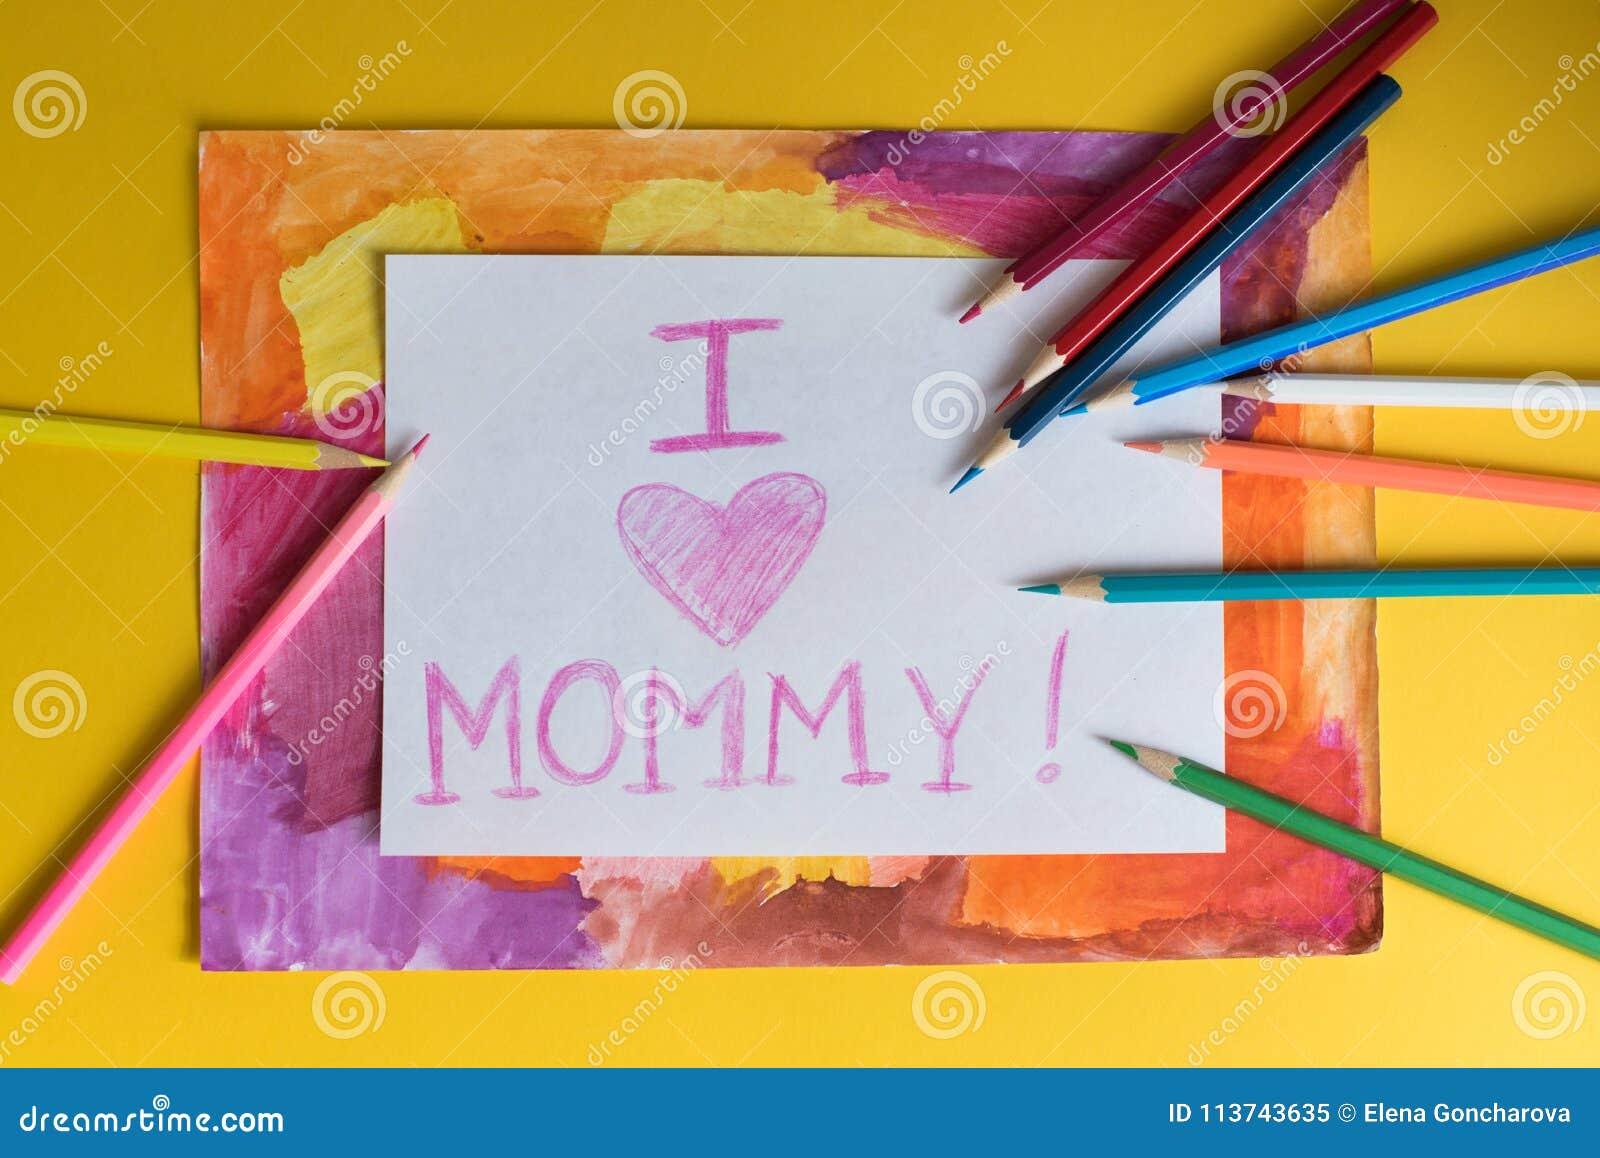 Dessin D Enfant Pour La Maman Image Stock Image Du Coloré